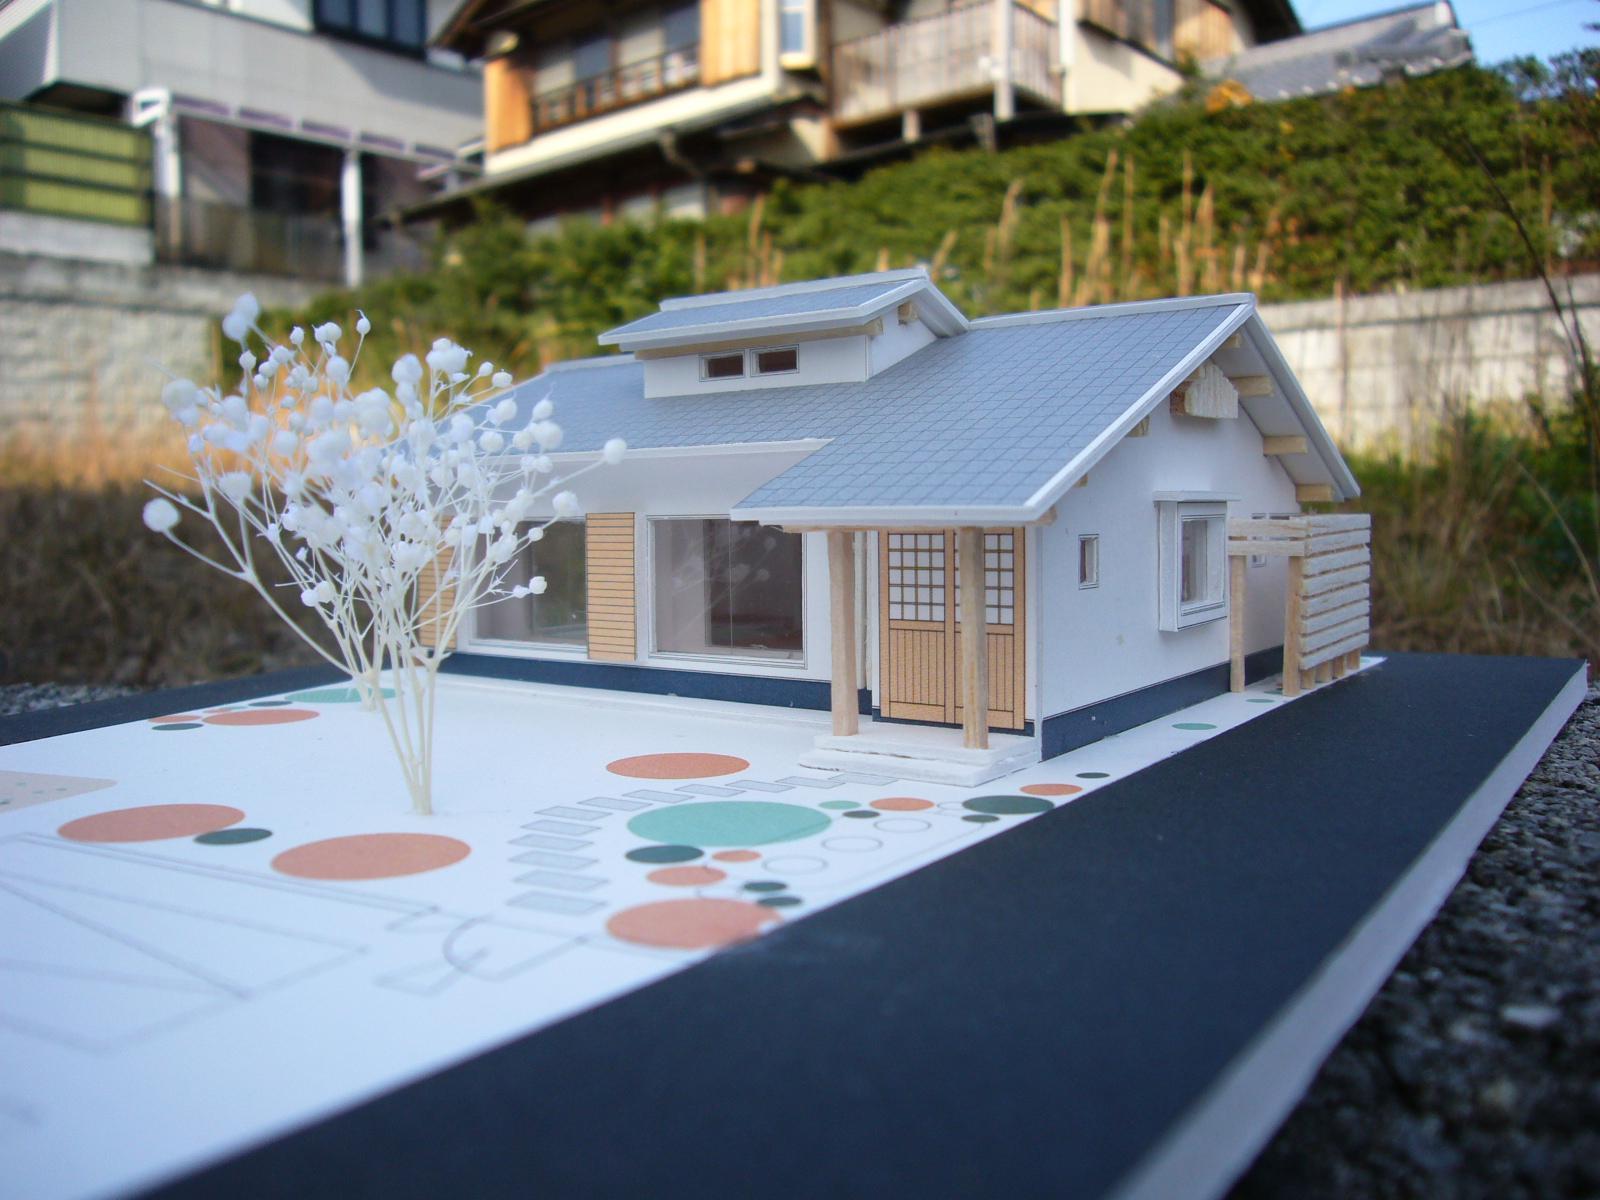 平屋 純和風スタイル 幸せエコ住宅のパース/模型/CG/スケッチなど